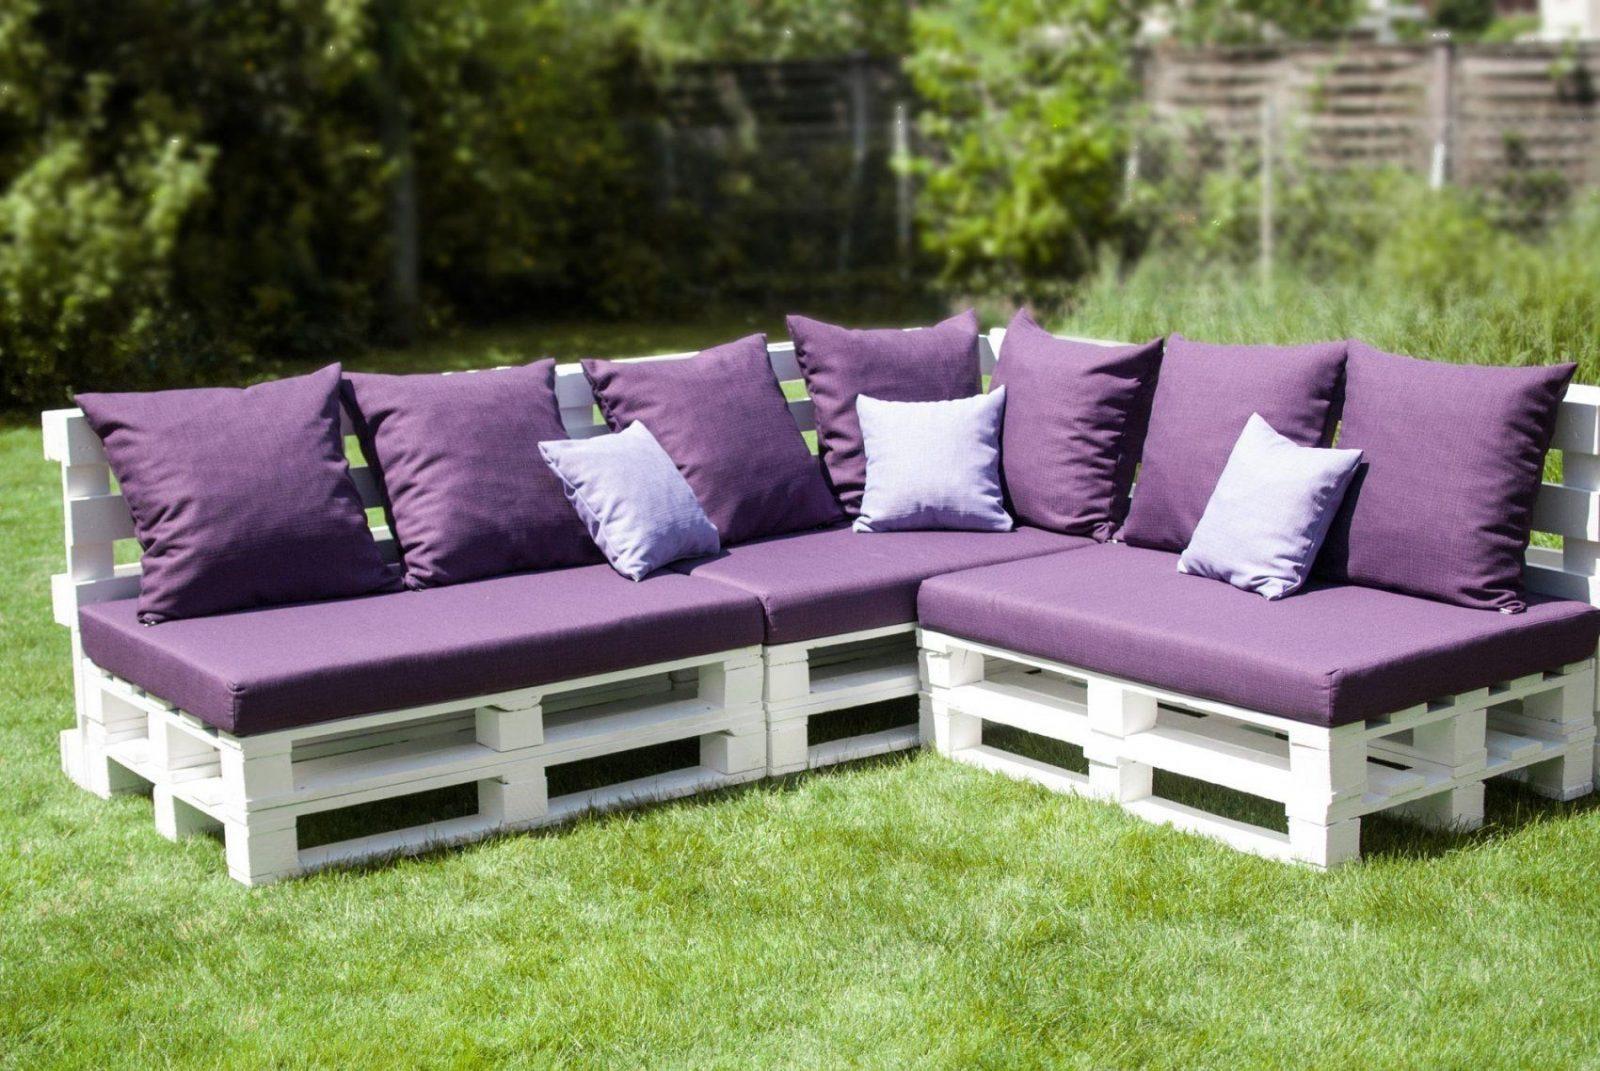 Gartenlounge Selber Bauen Europaletten Ambiznescom Gartenbank Aus von Garten Lounge Aus Paletten Selber Bauen Bild